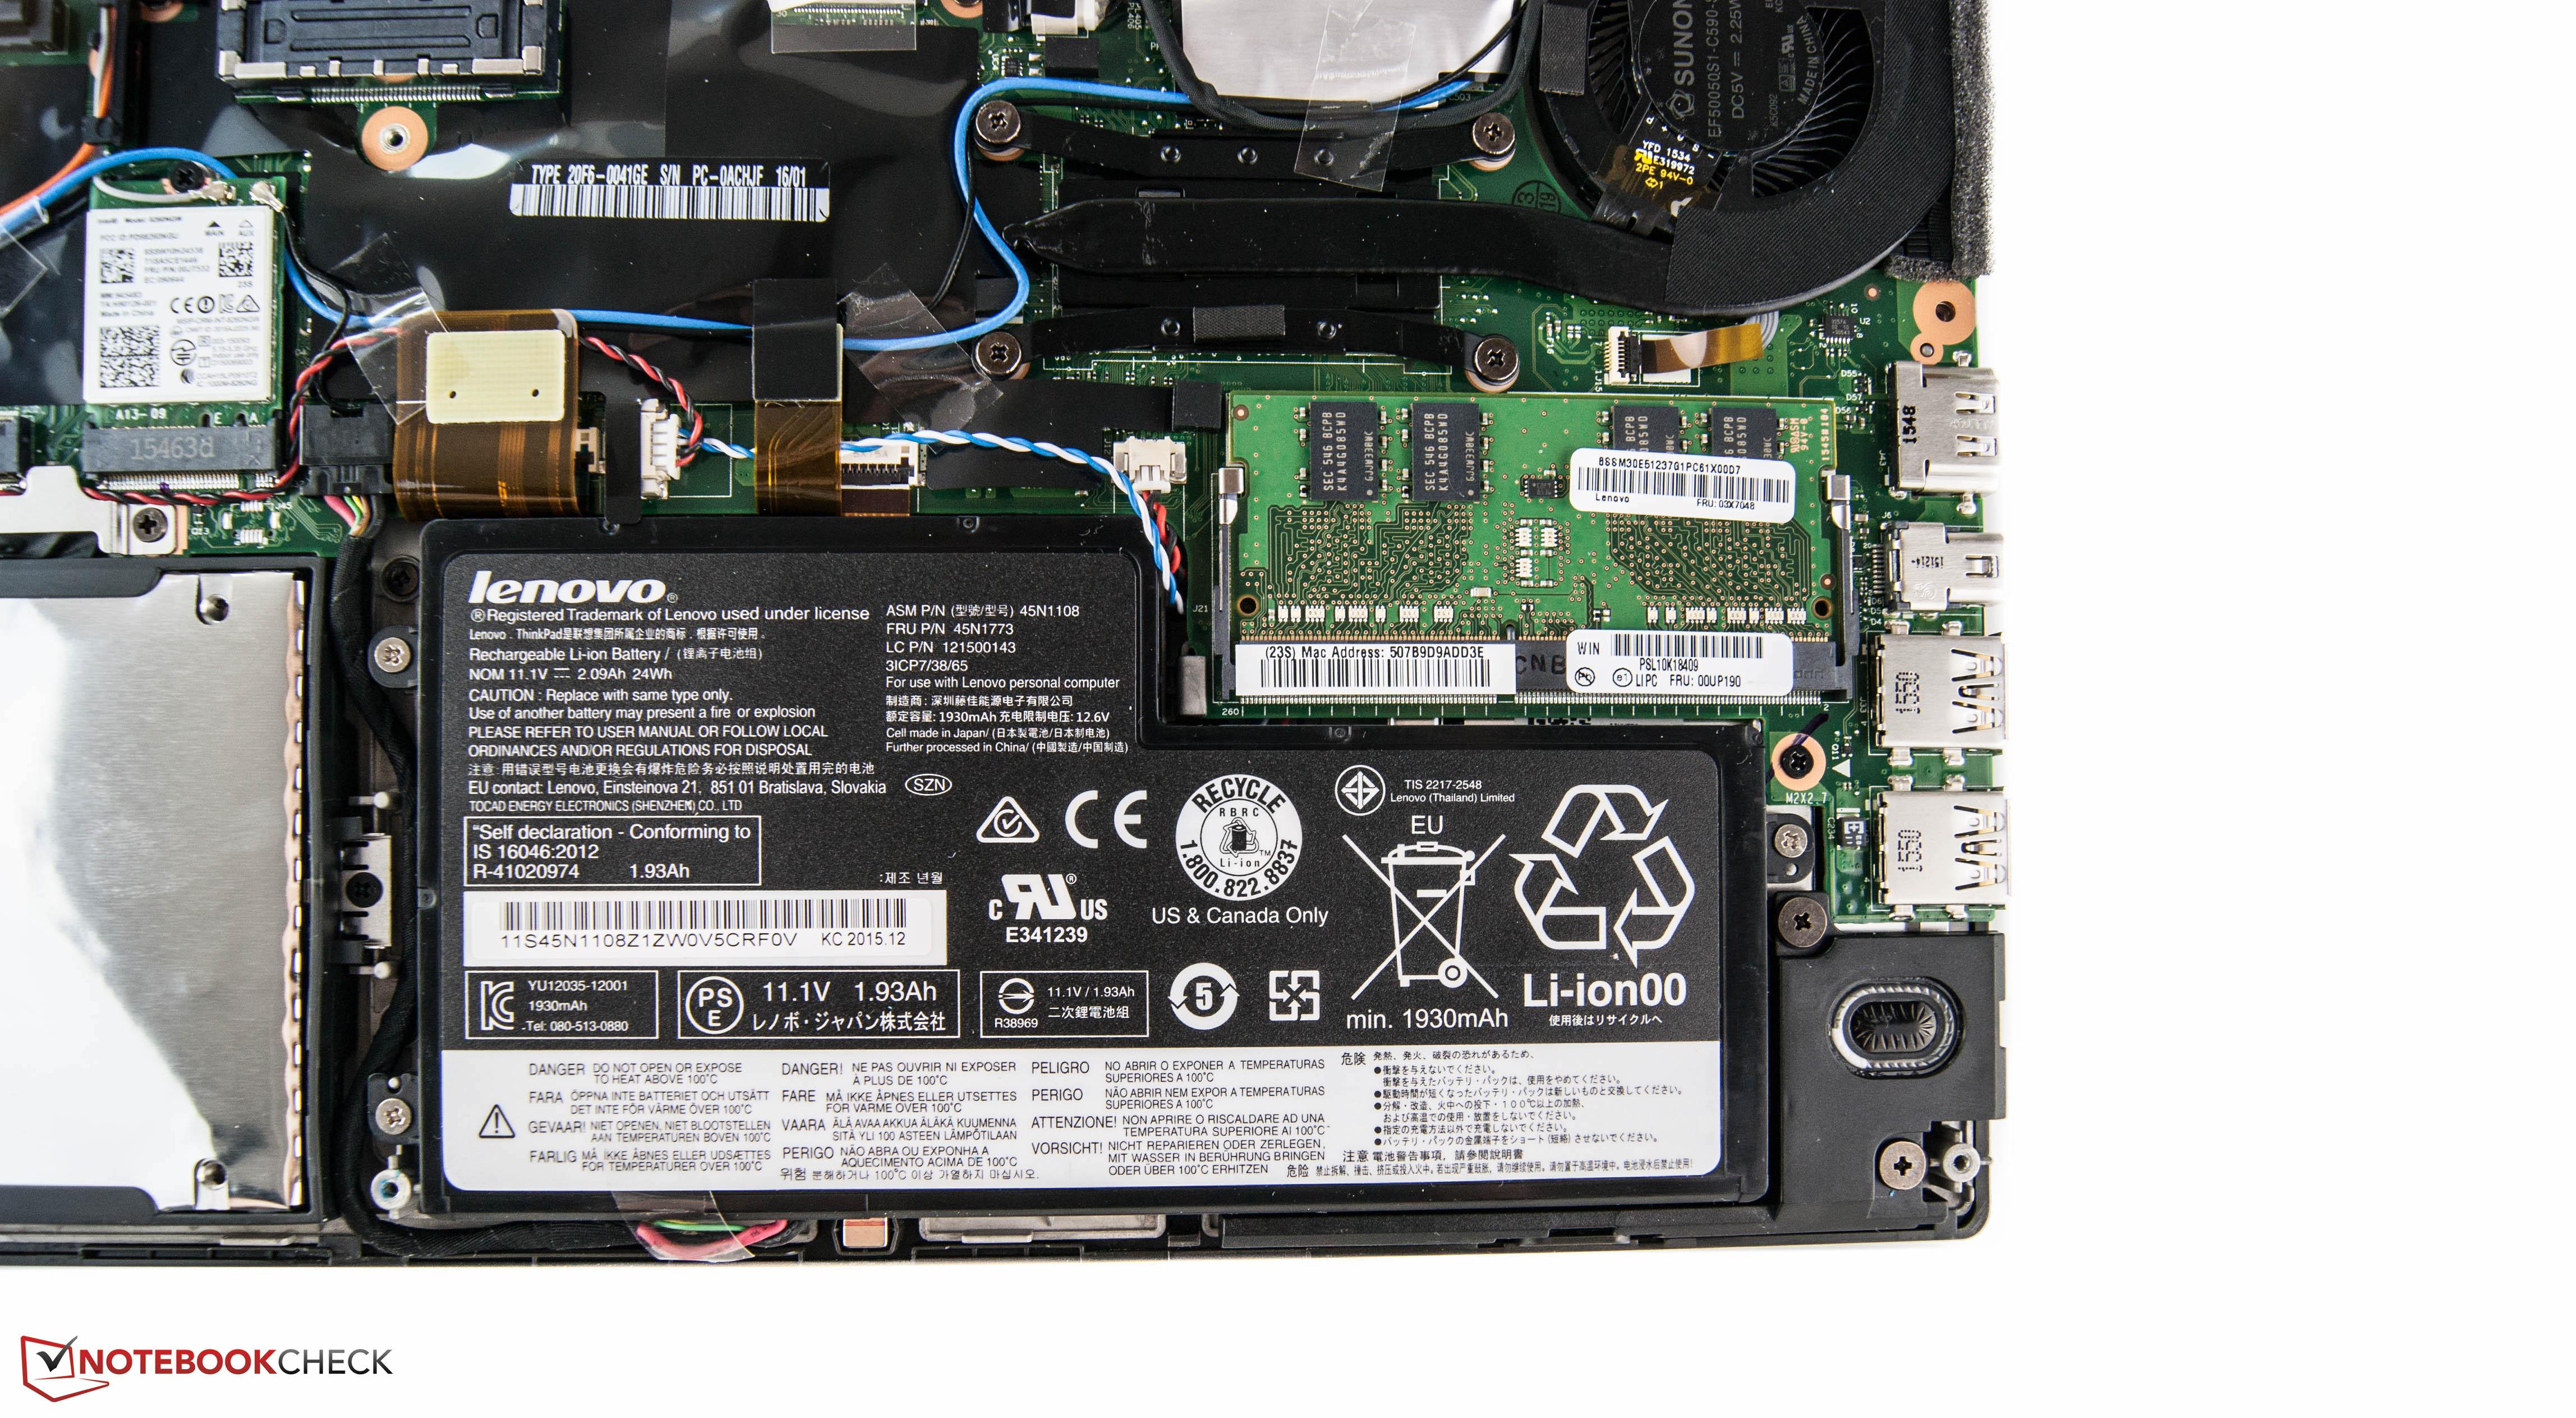 Lenovo Thinkpad X260 Core I5 Wxga Notebook Review